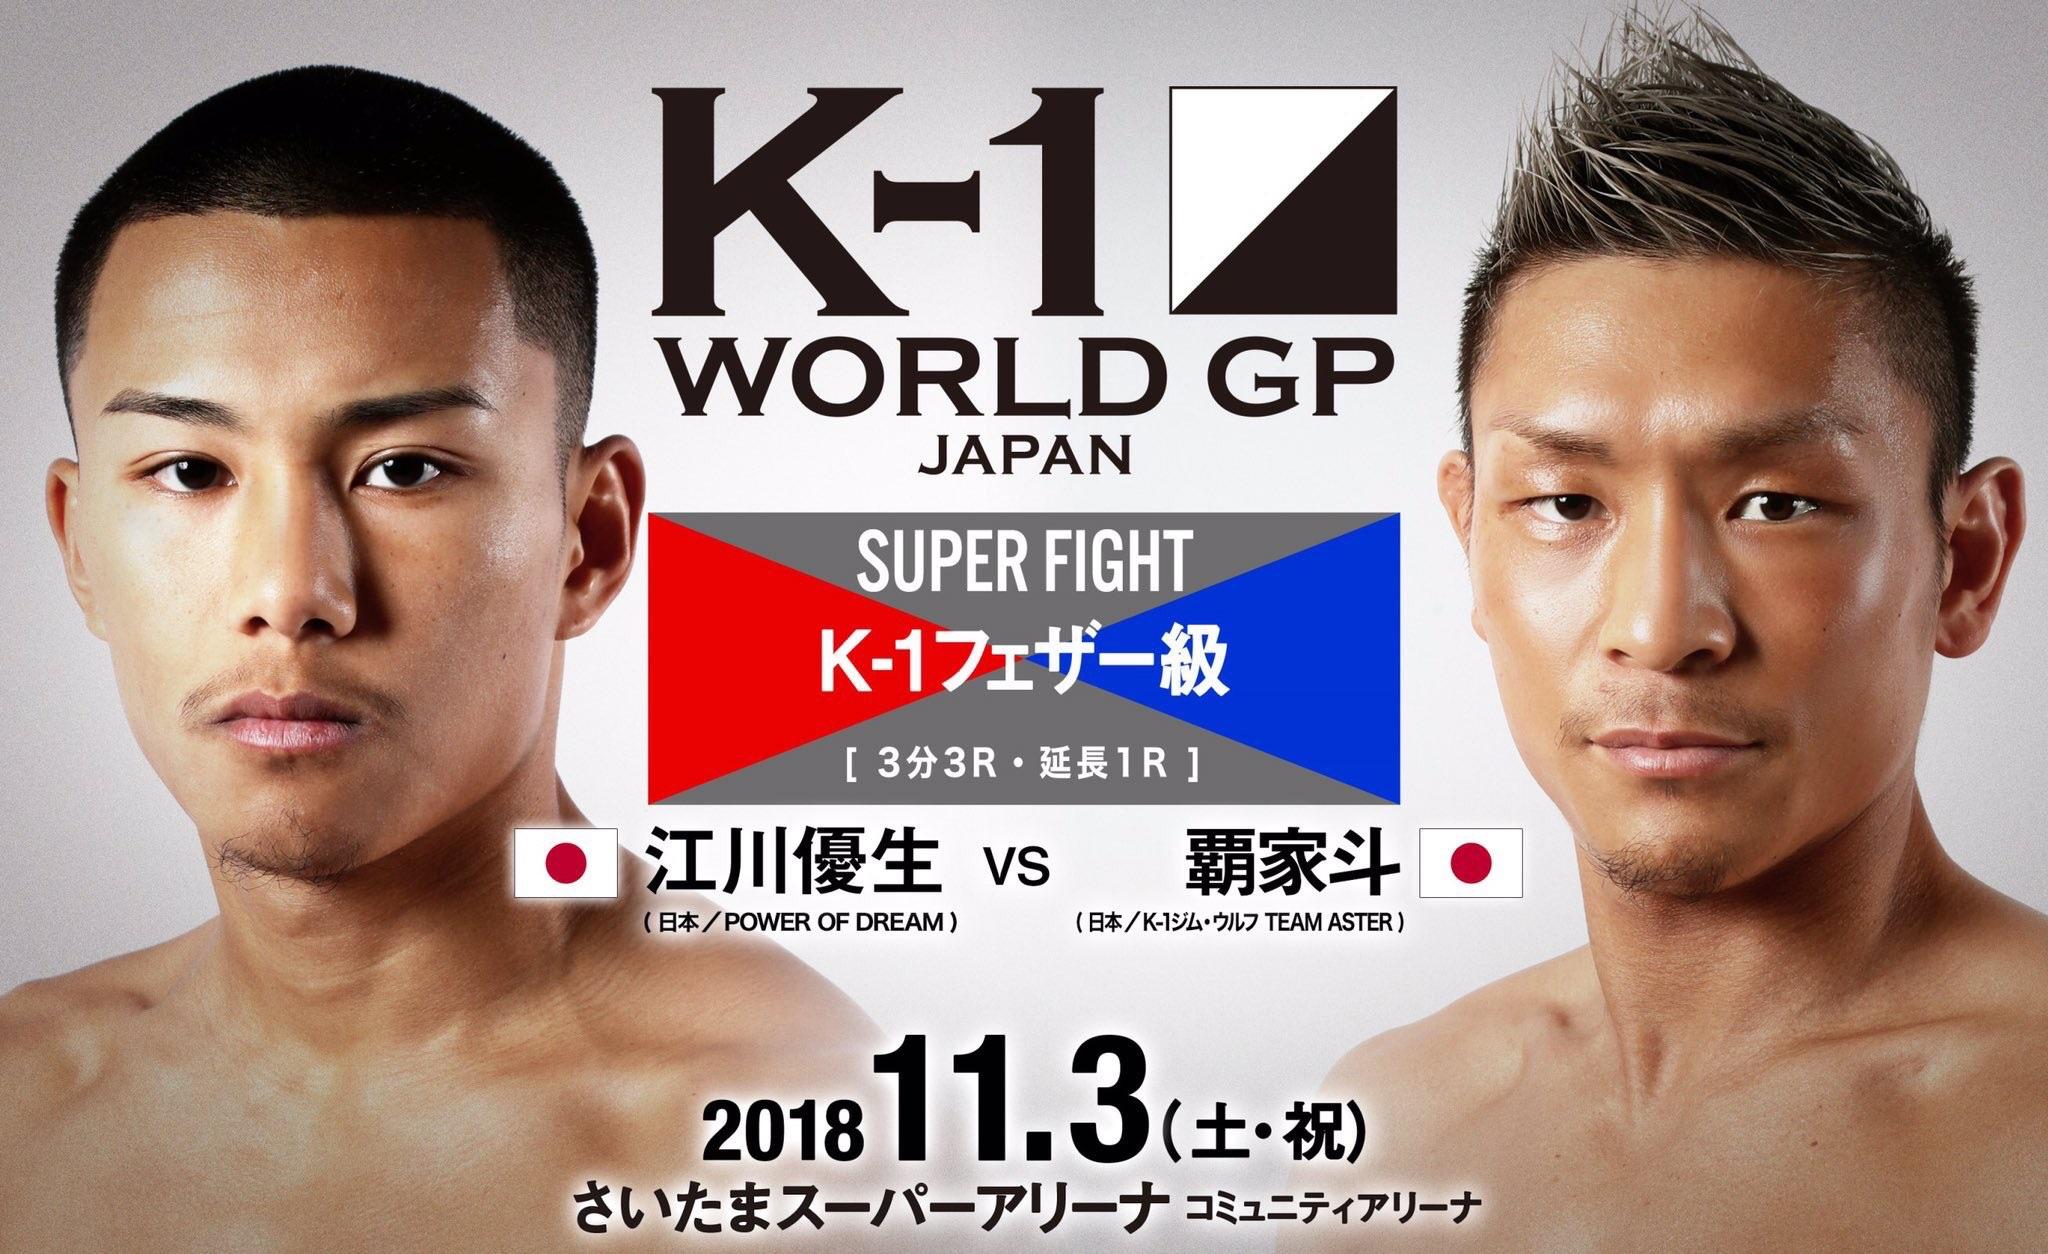 【11月3日 K-1 WORLD GP「江川 優生」出場決定!】